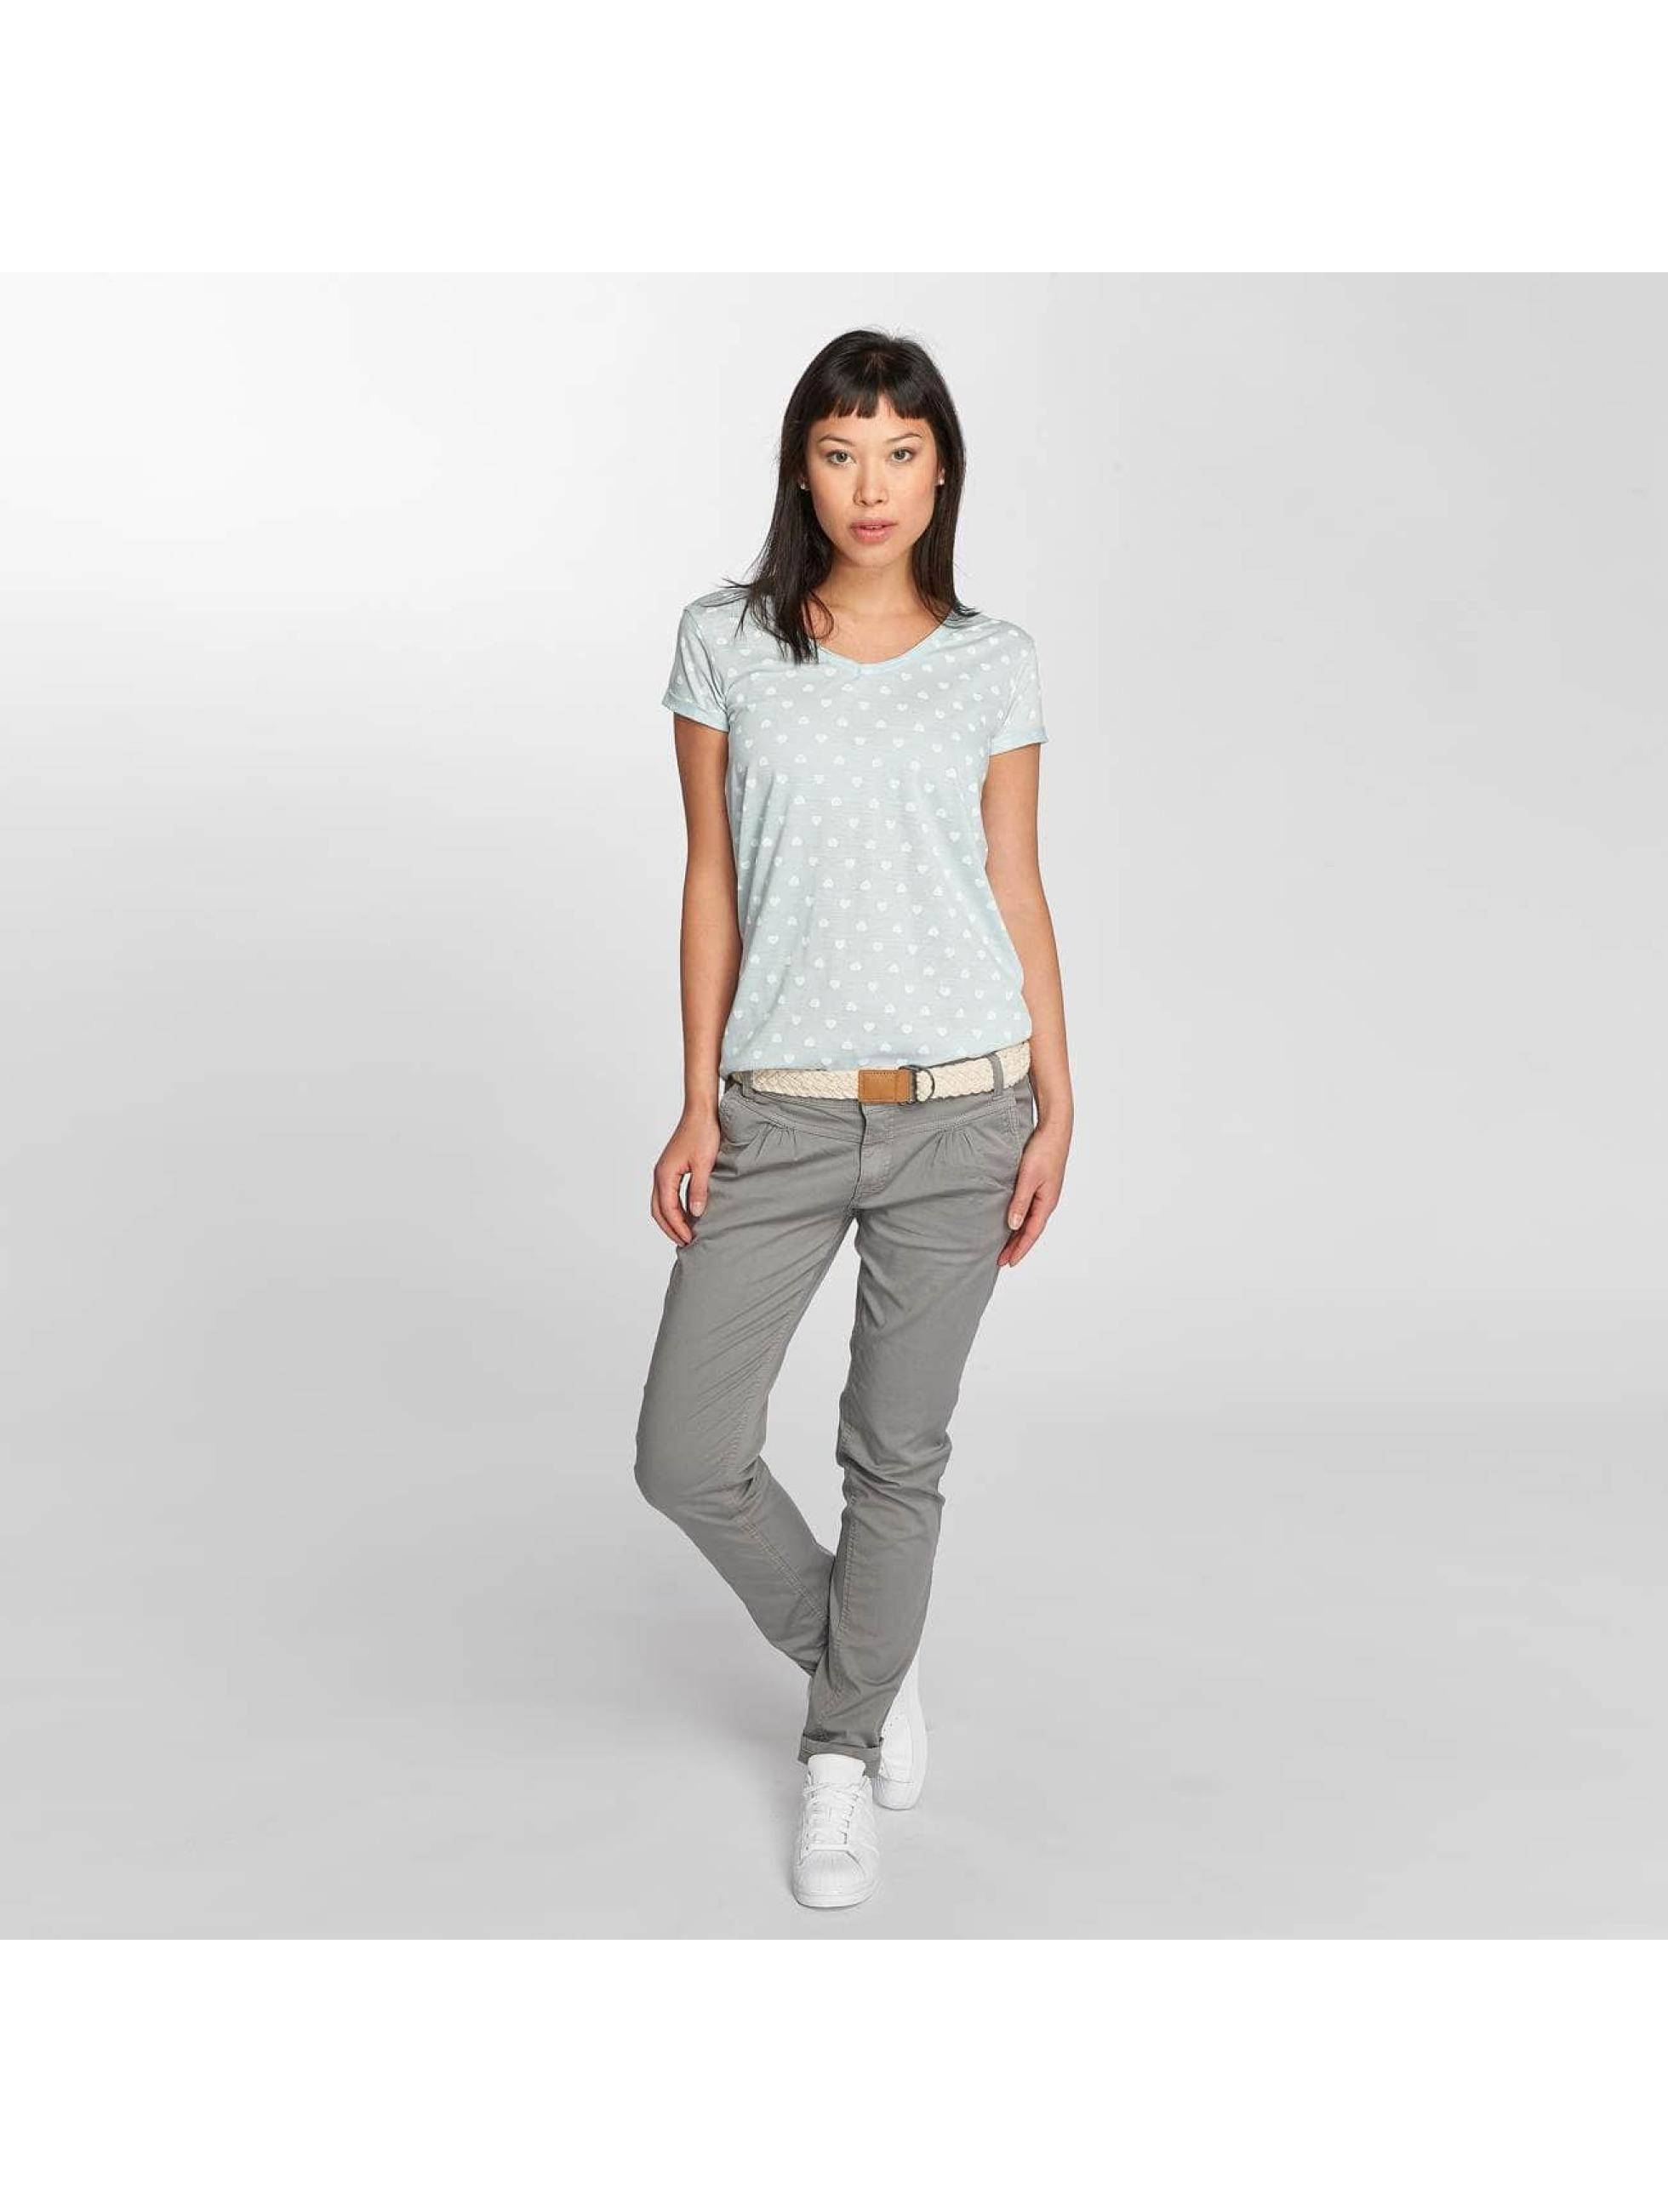 Fresh Made T-Shirt Hearts blau